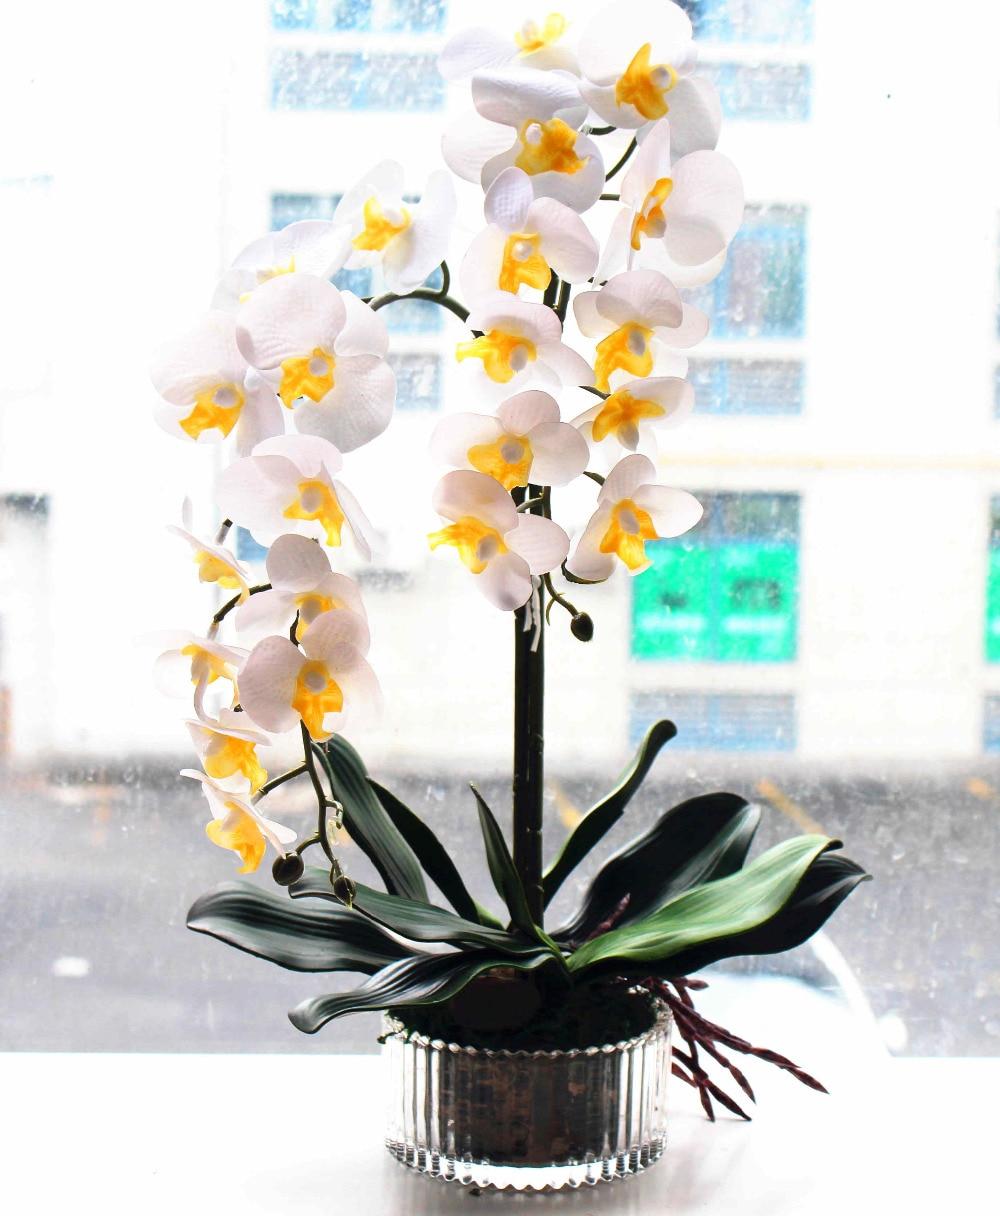 Acheter 1 set fleur + vase artificielle orchidée arrangement de fleurs en pot fleur real touch fleur de silicium orchidée réel tactile en verre vase de touch flower fiable fournisseurs